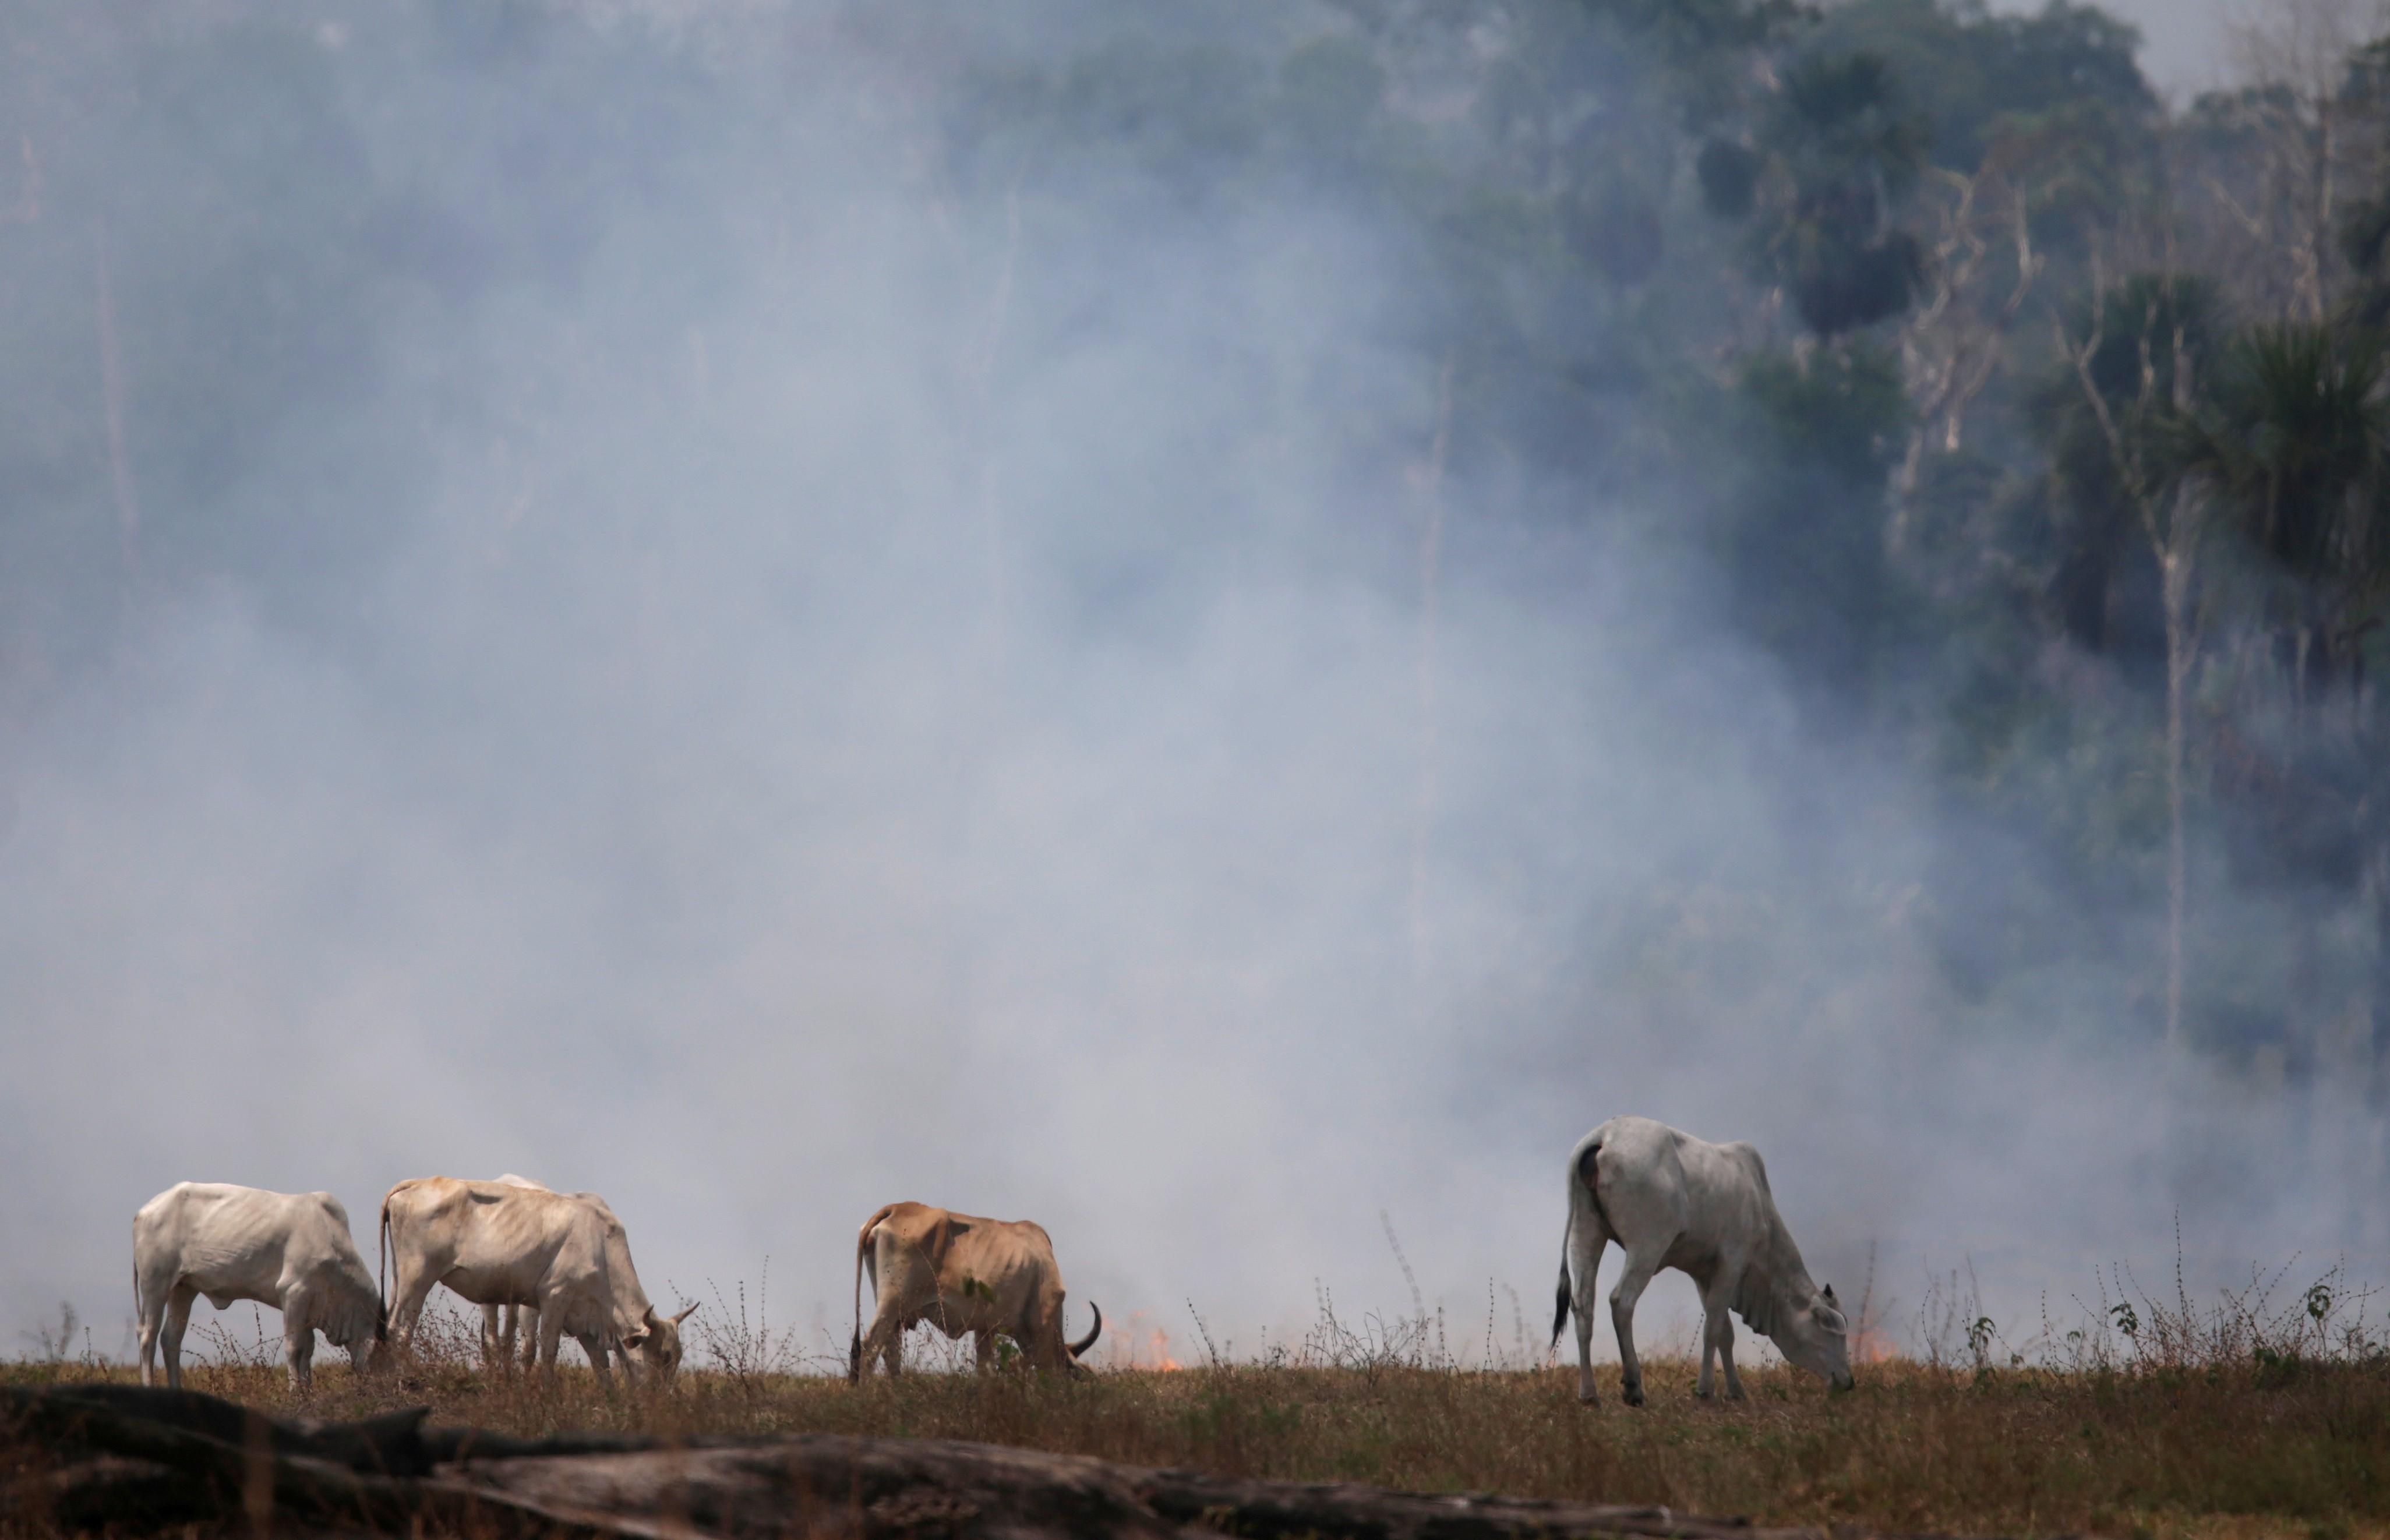 ONG afirma que grandes frigoríficos do Brasil compraram gado de áreas de desmatamento ilegal na Amazônia